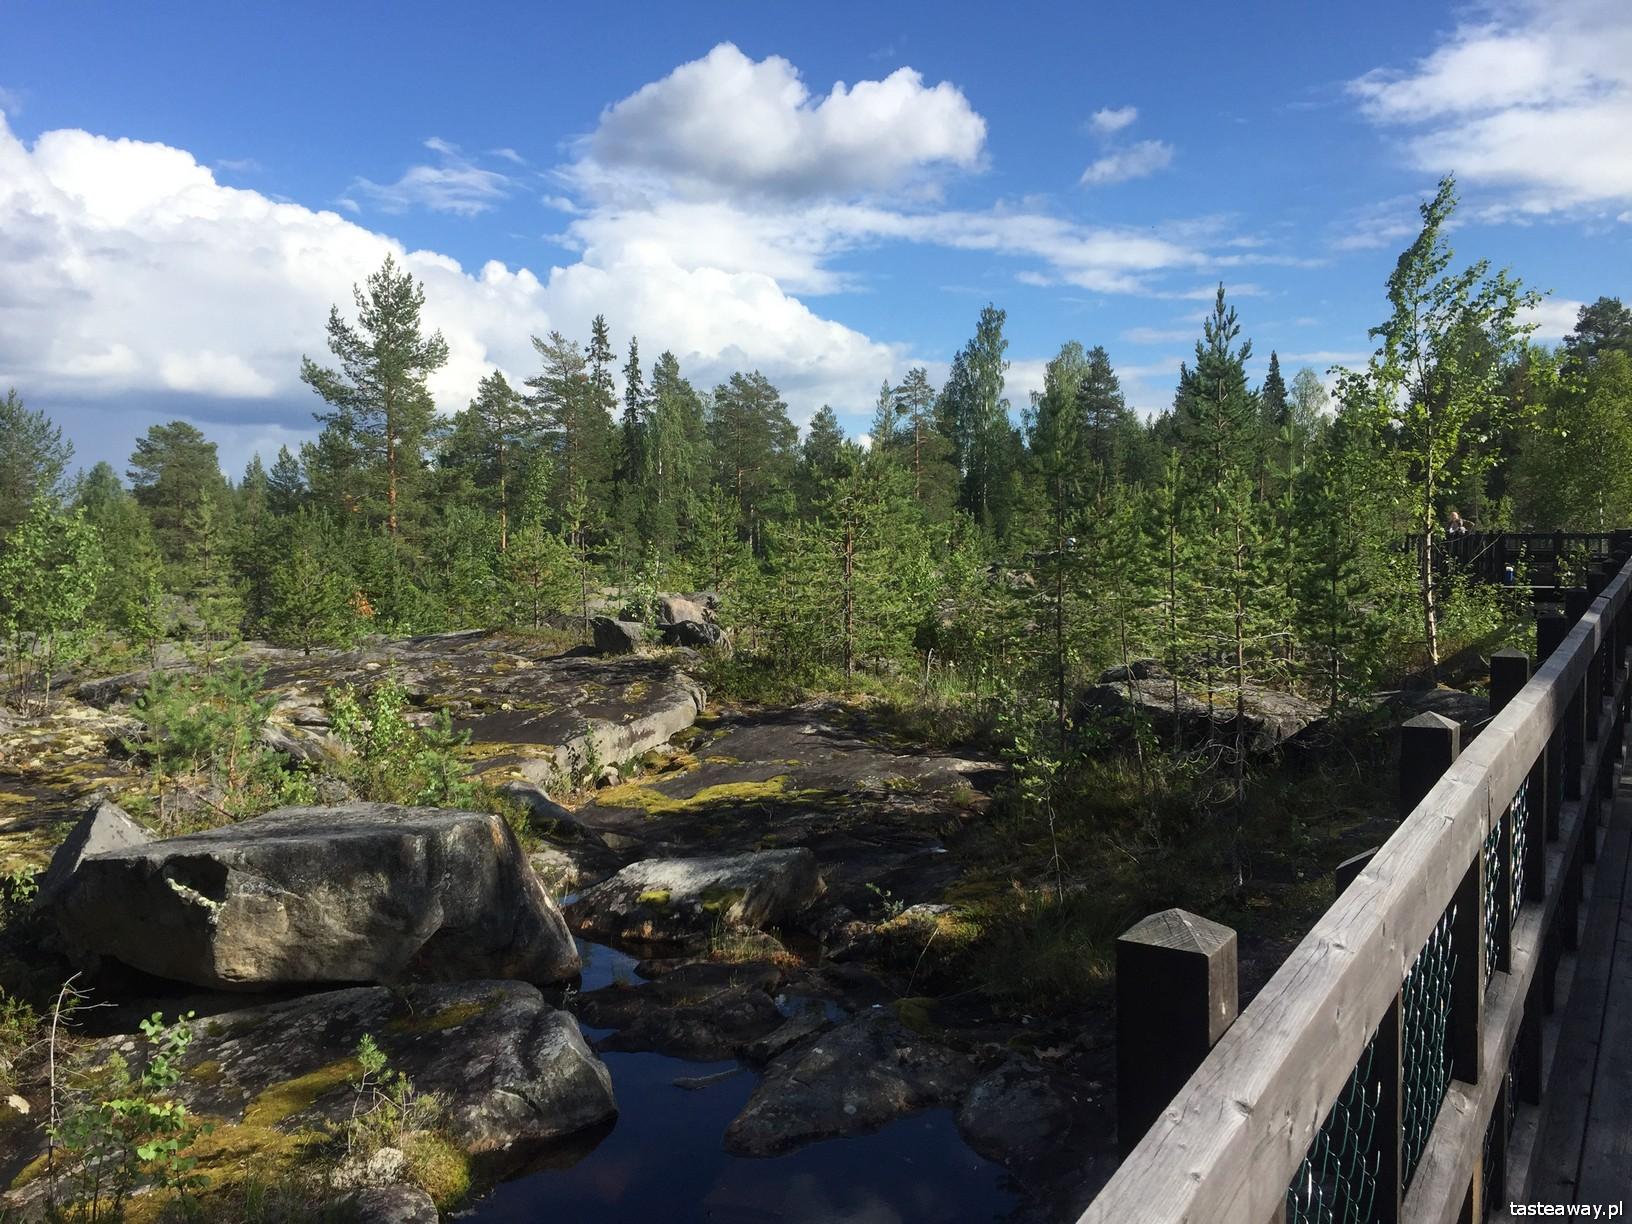 Szwecja, kamperem po Szwecji, Storfosen, atrakcje w Szwecji